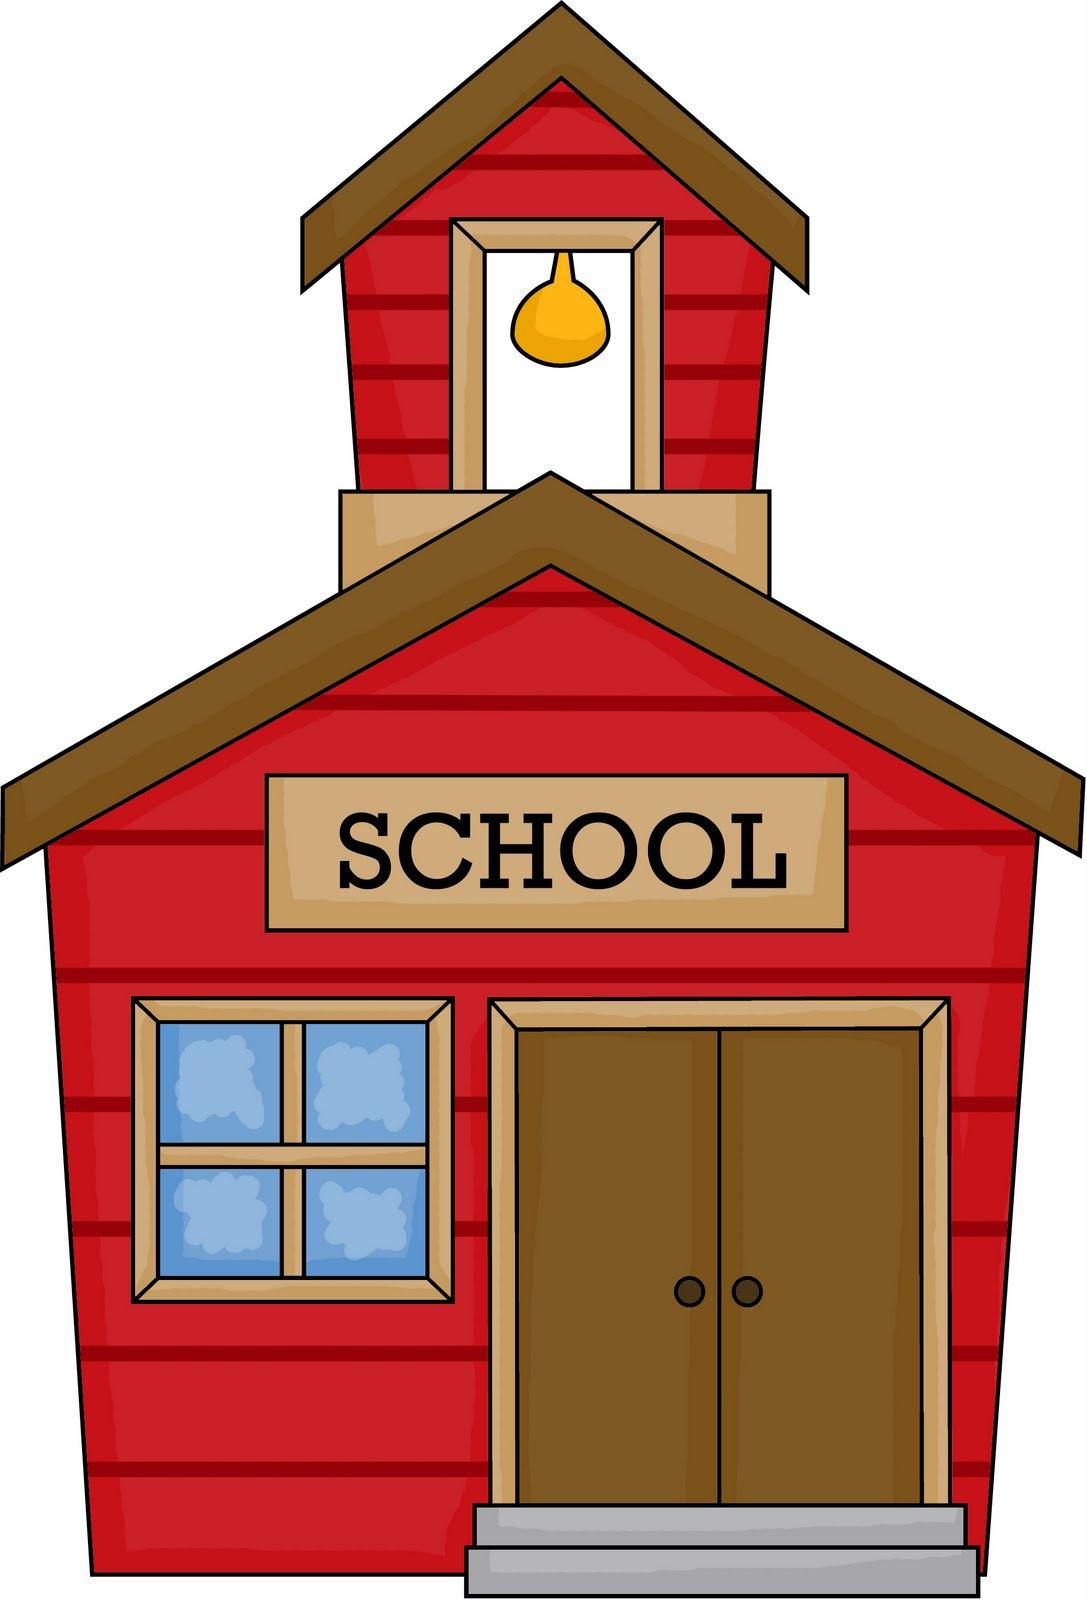 Clip Art Free School Building School Clip Art Clipart